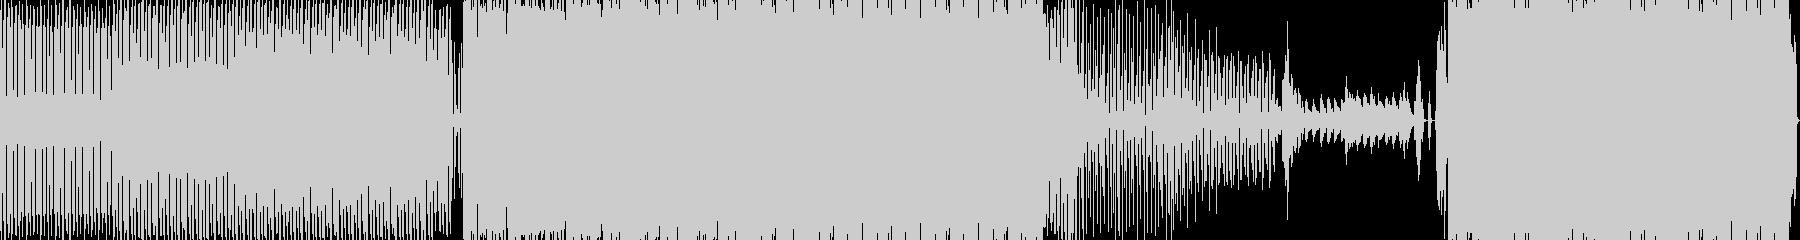 機械的でファンキーなクラブミュージックの未再生の波形